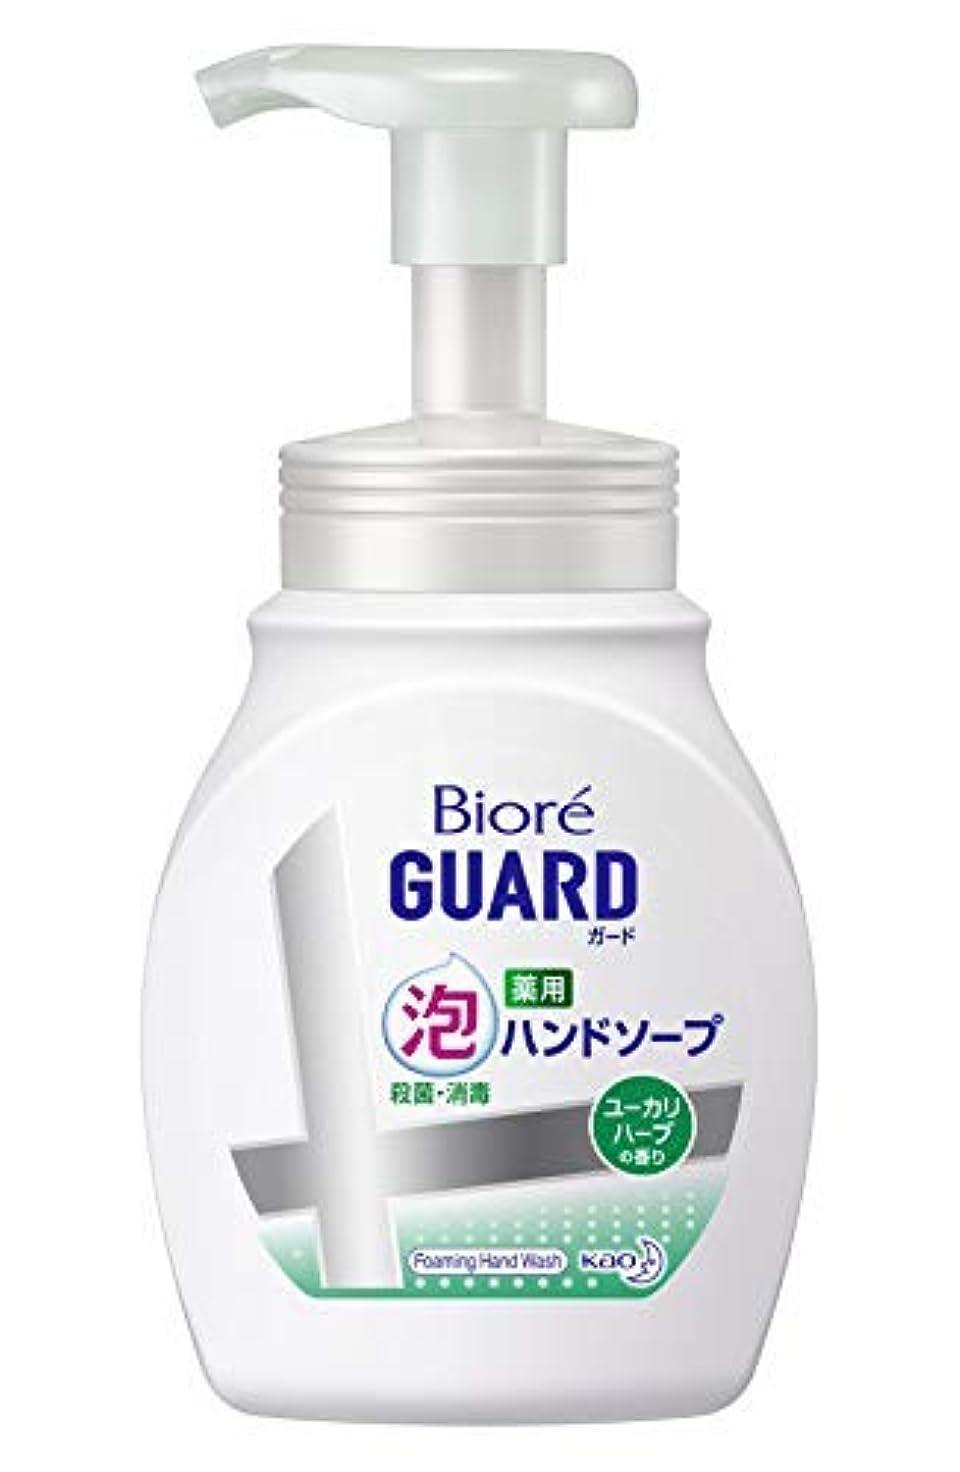 端末密度従事した花王 ビオレガード 薬用泡ハンドソープ ユーカリハーブの香り ポンプ 250ml × 3個セット